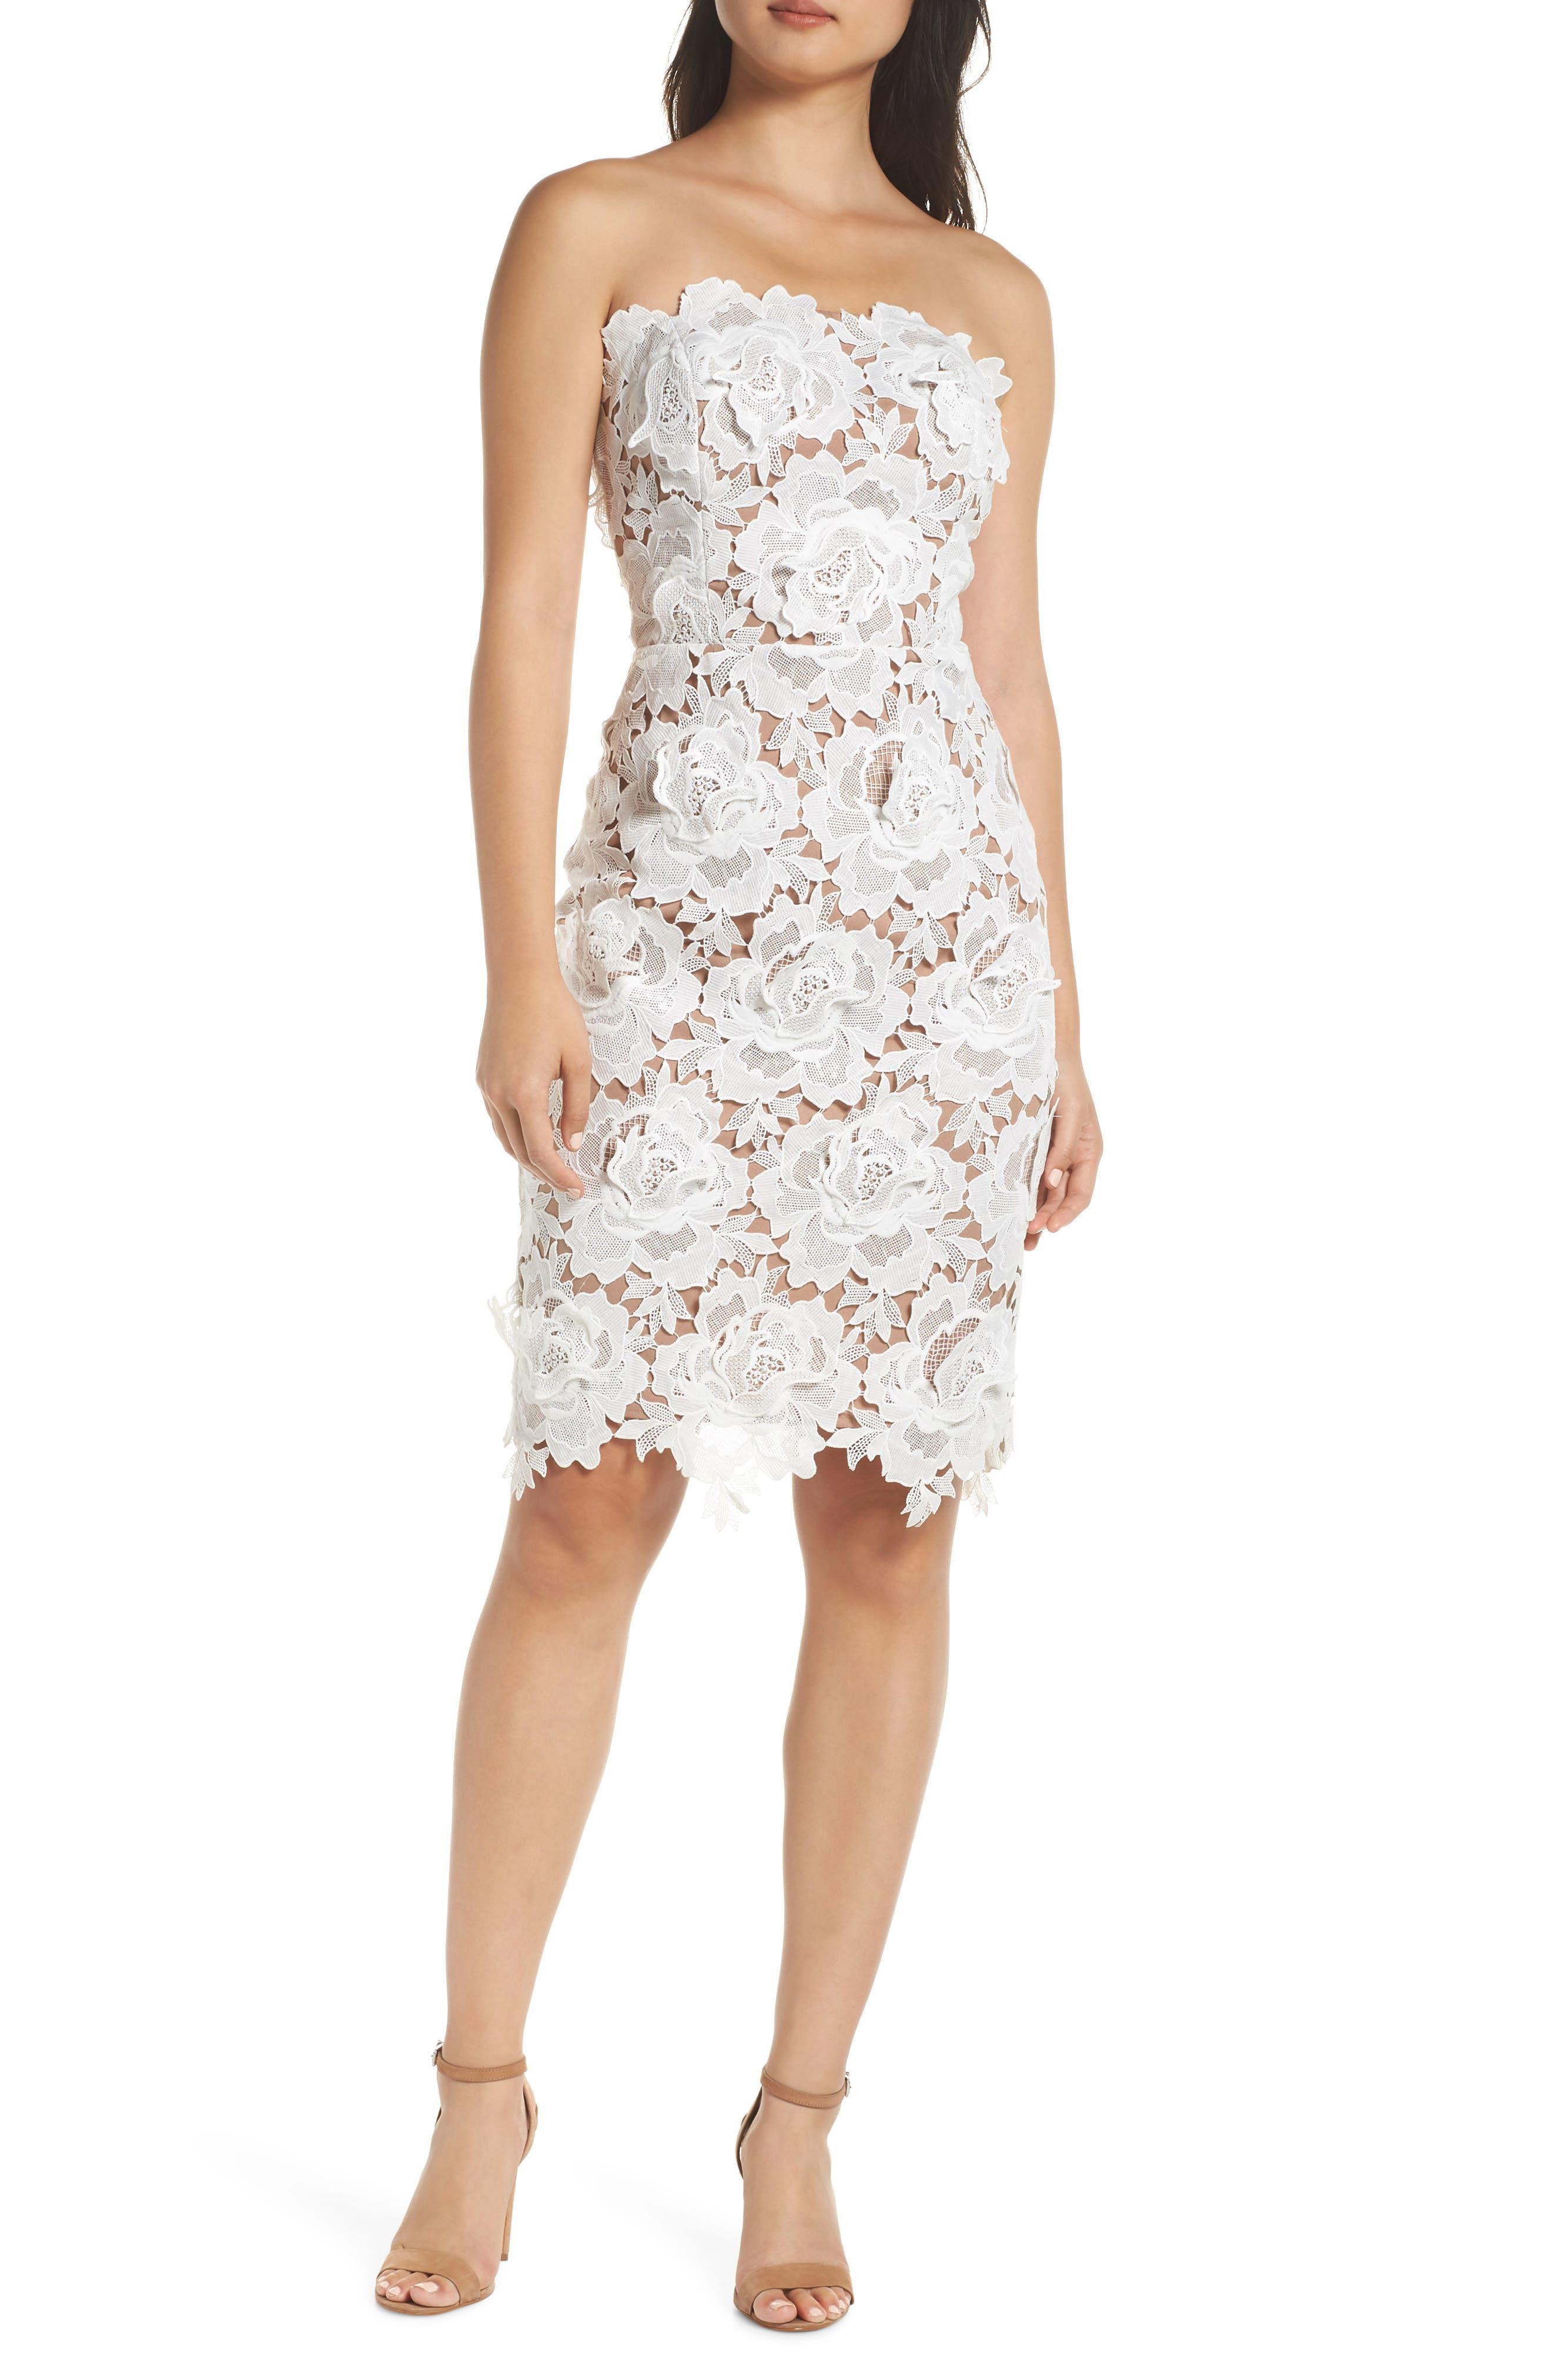 Strapless White Long Summer Dresses